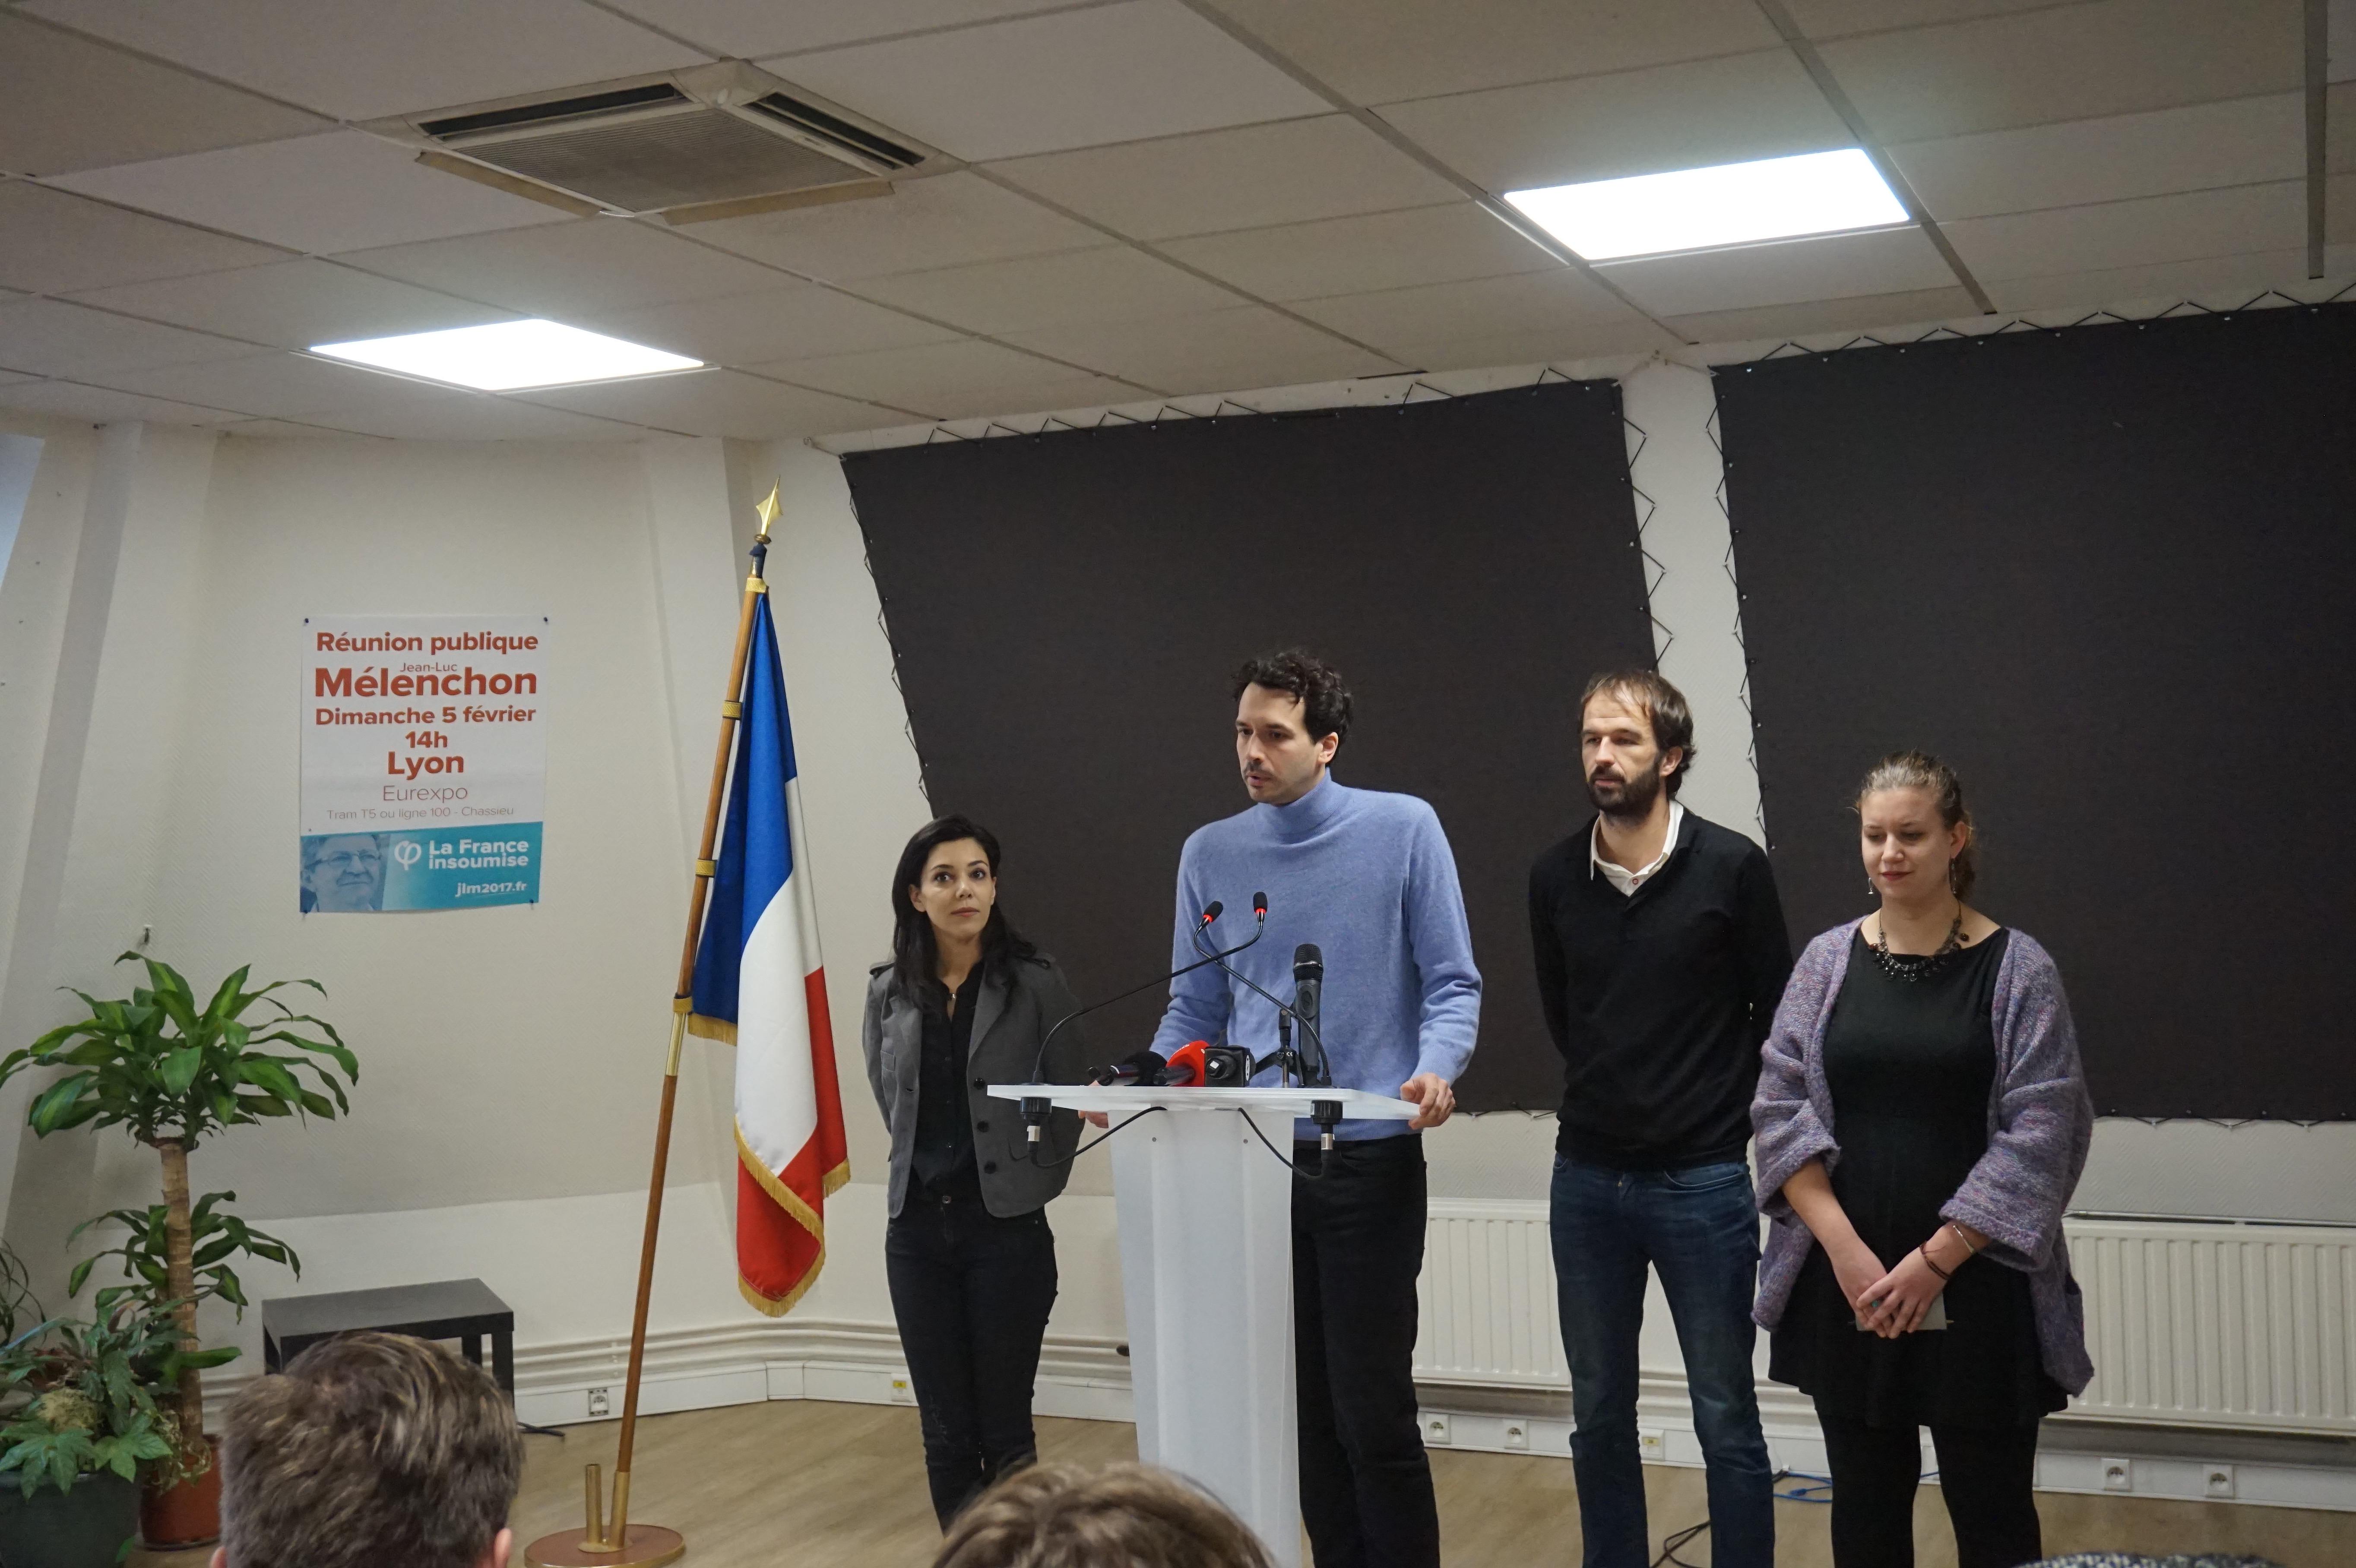 Annonce De Rencontre Baise Gratuite En Haute Saône